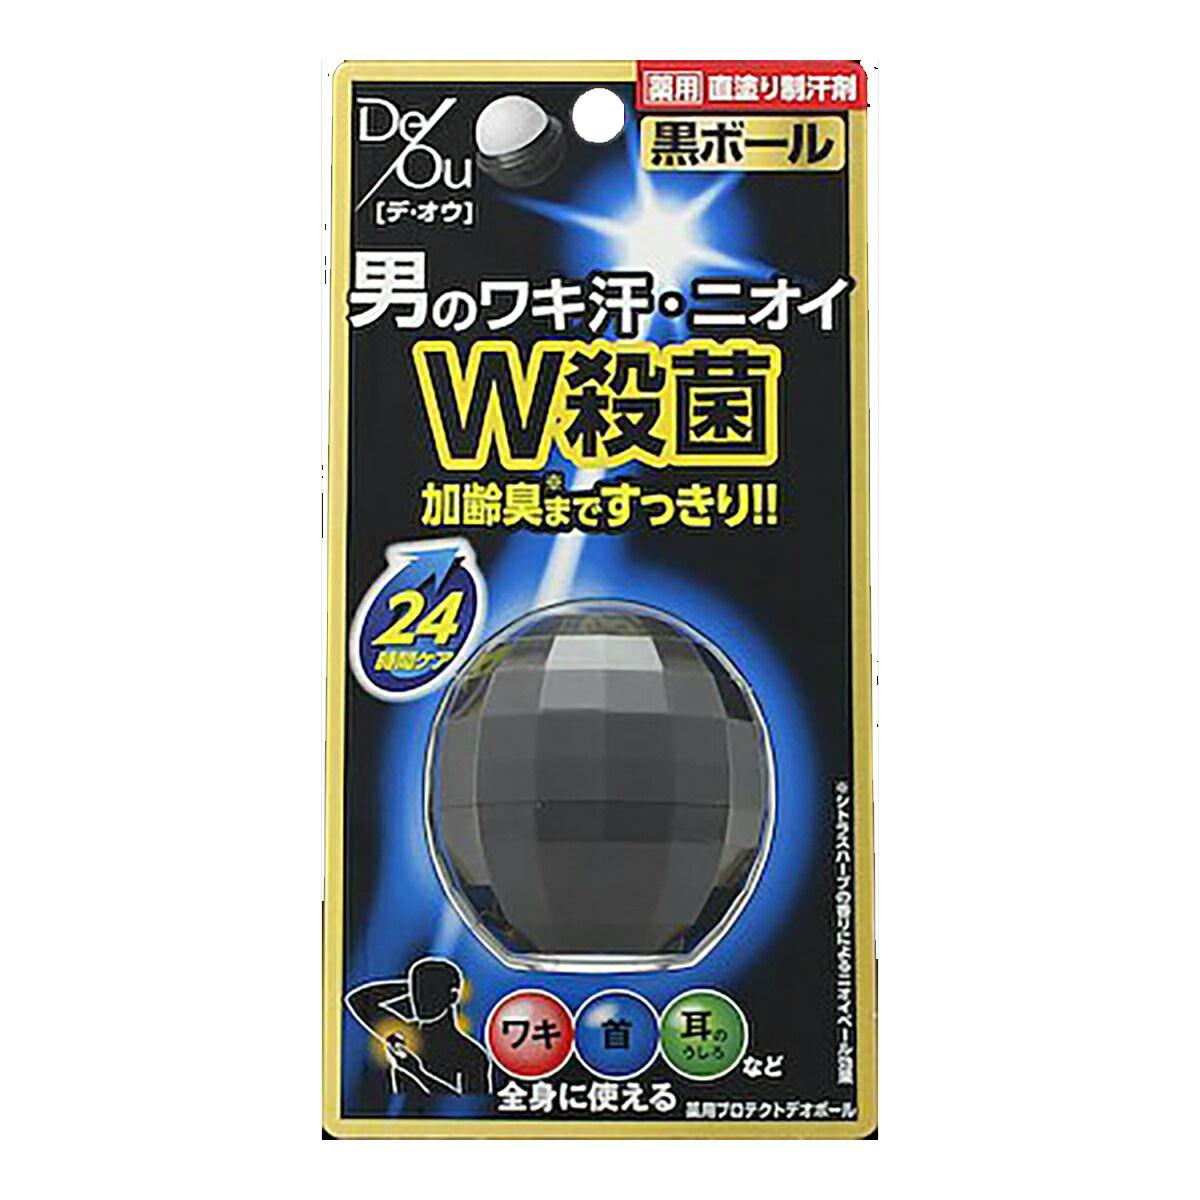 【36個で送料無料】ロート製薬 DeOu ( デ・オウ ) 薬用プロテクトデオボール ( 内容量:15G ) ×36点セット ( 4987241139033 )